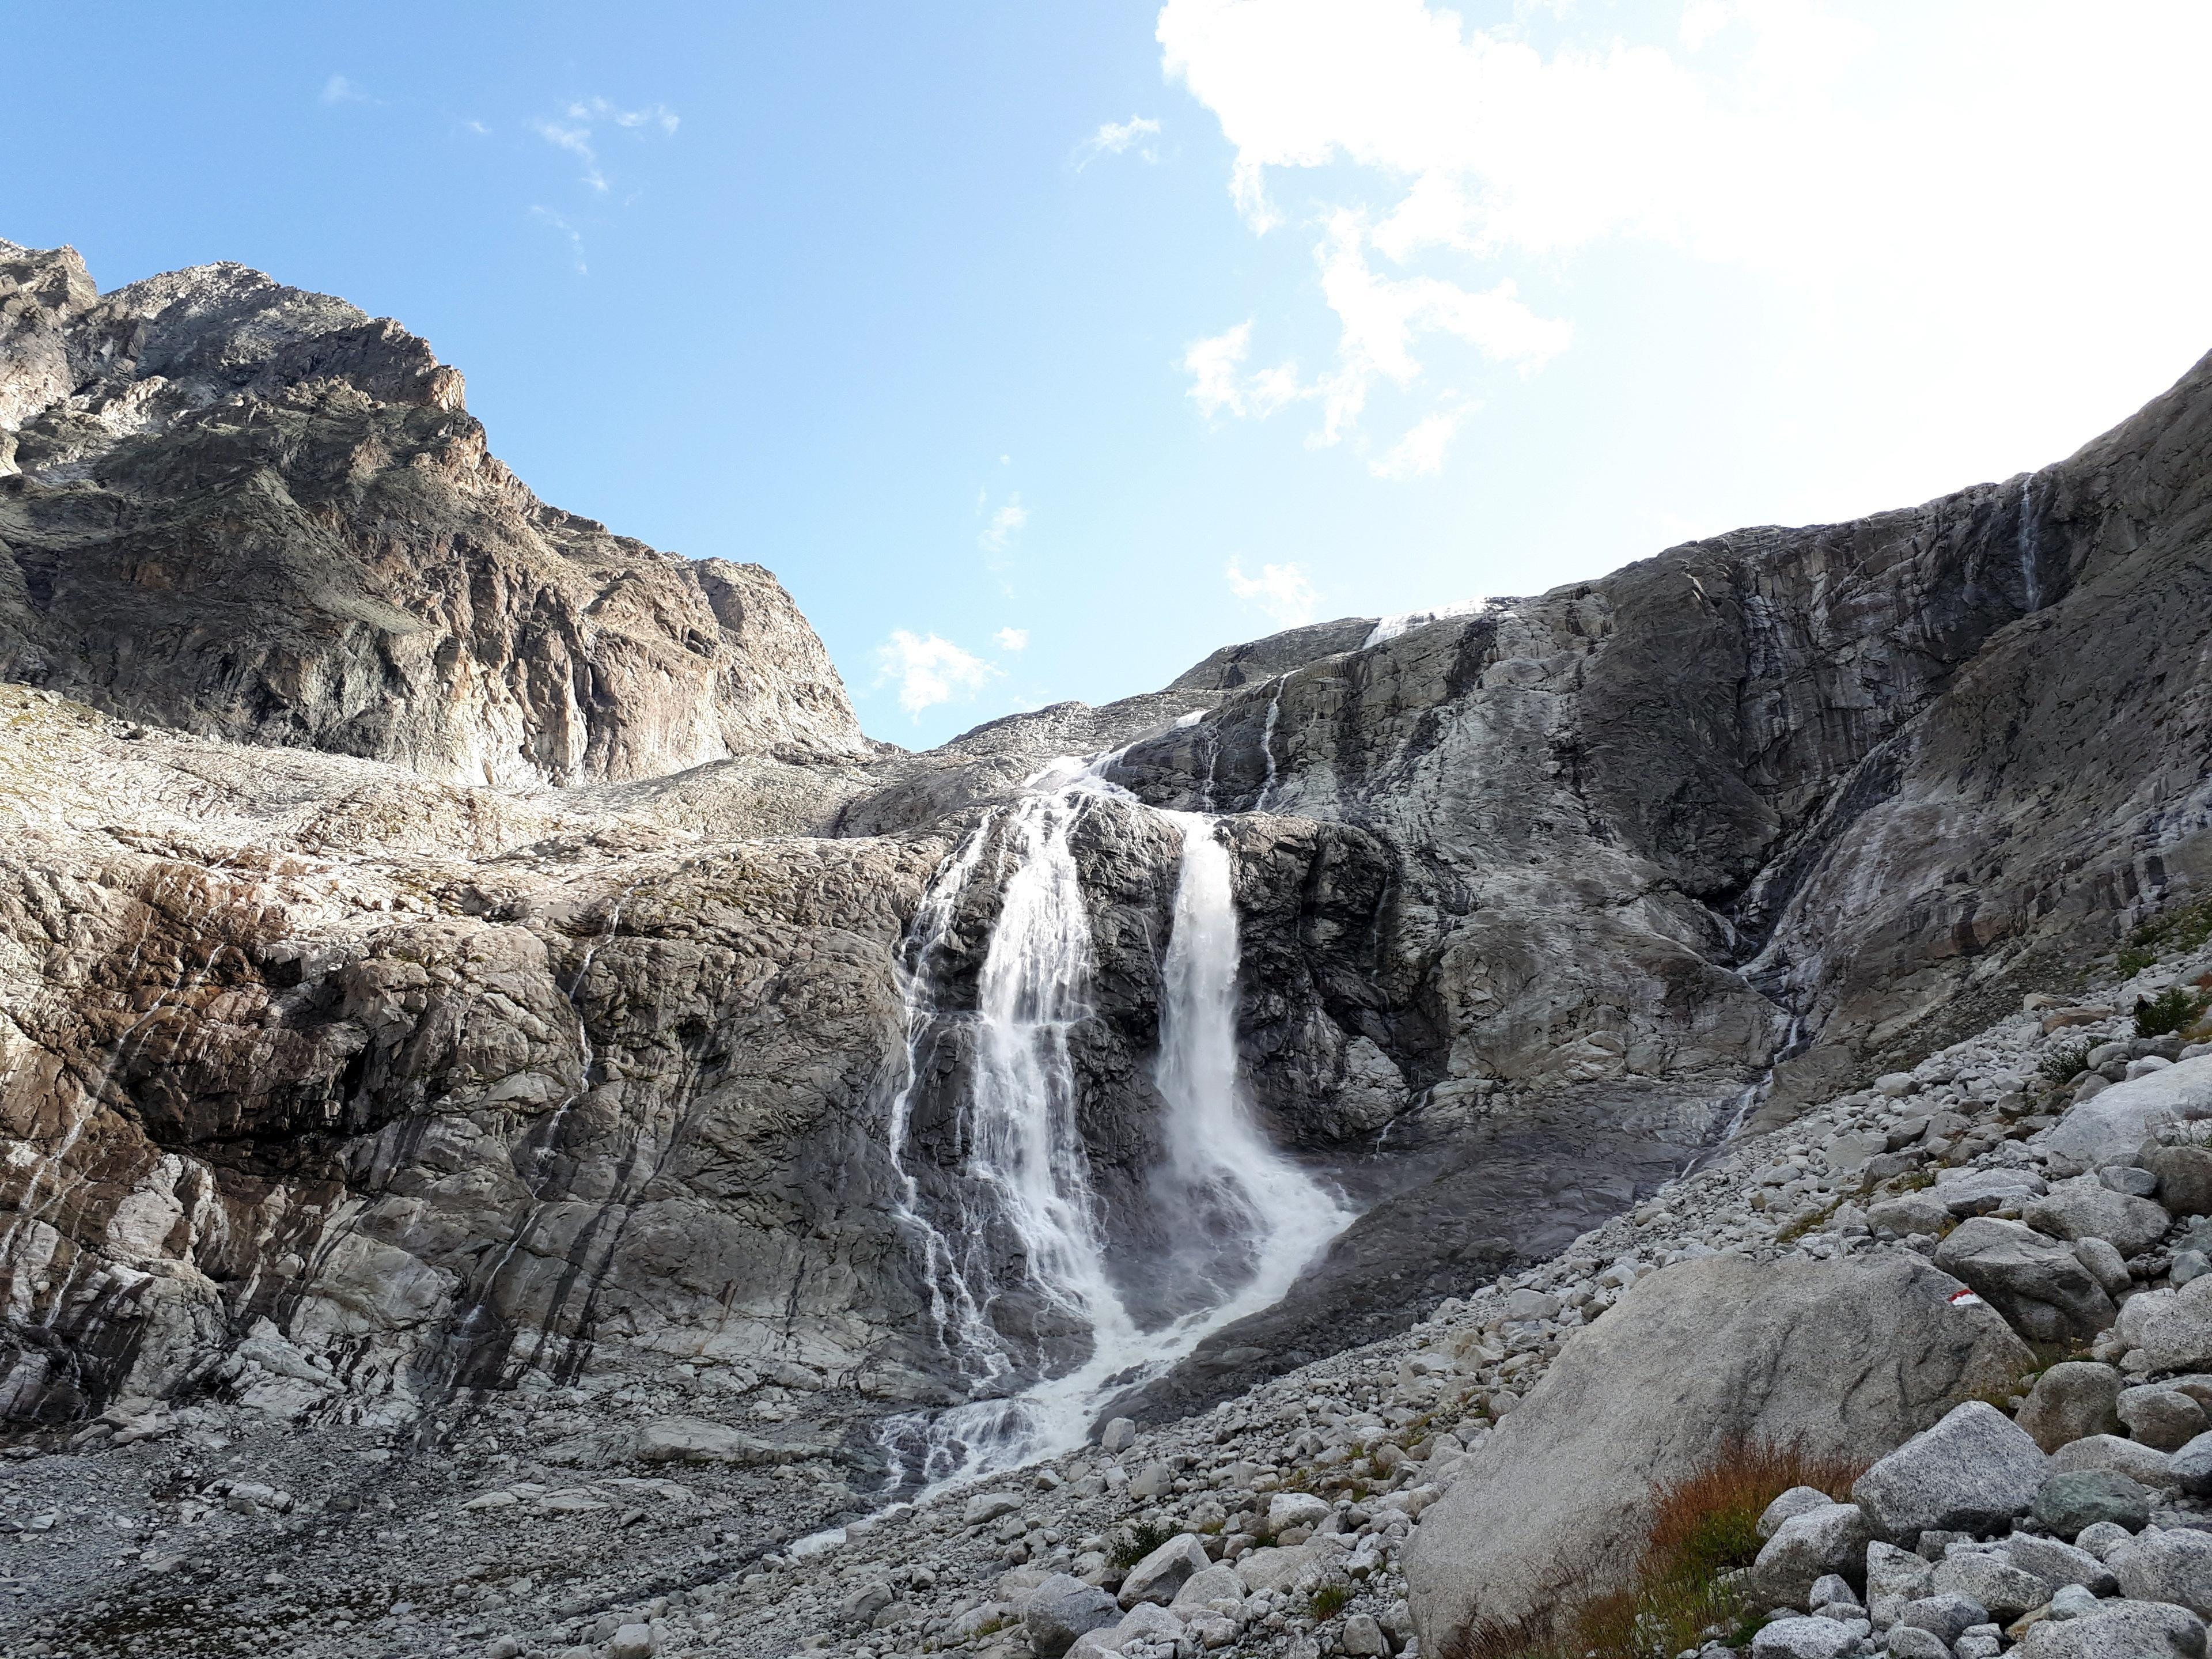 più si scende più diventa evidente la maestosità di queste cascate: noi ci interroghiamo sull'ipotesi che siano o meno scalabili in invernale (malati!)